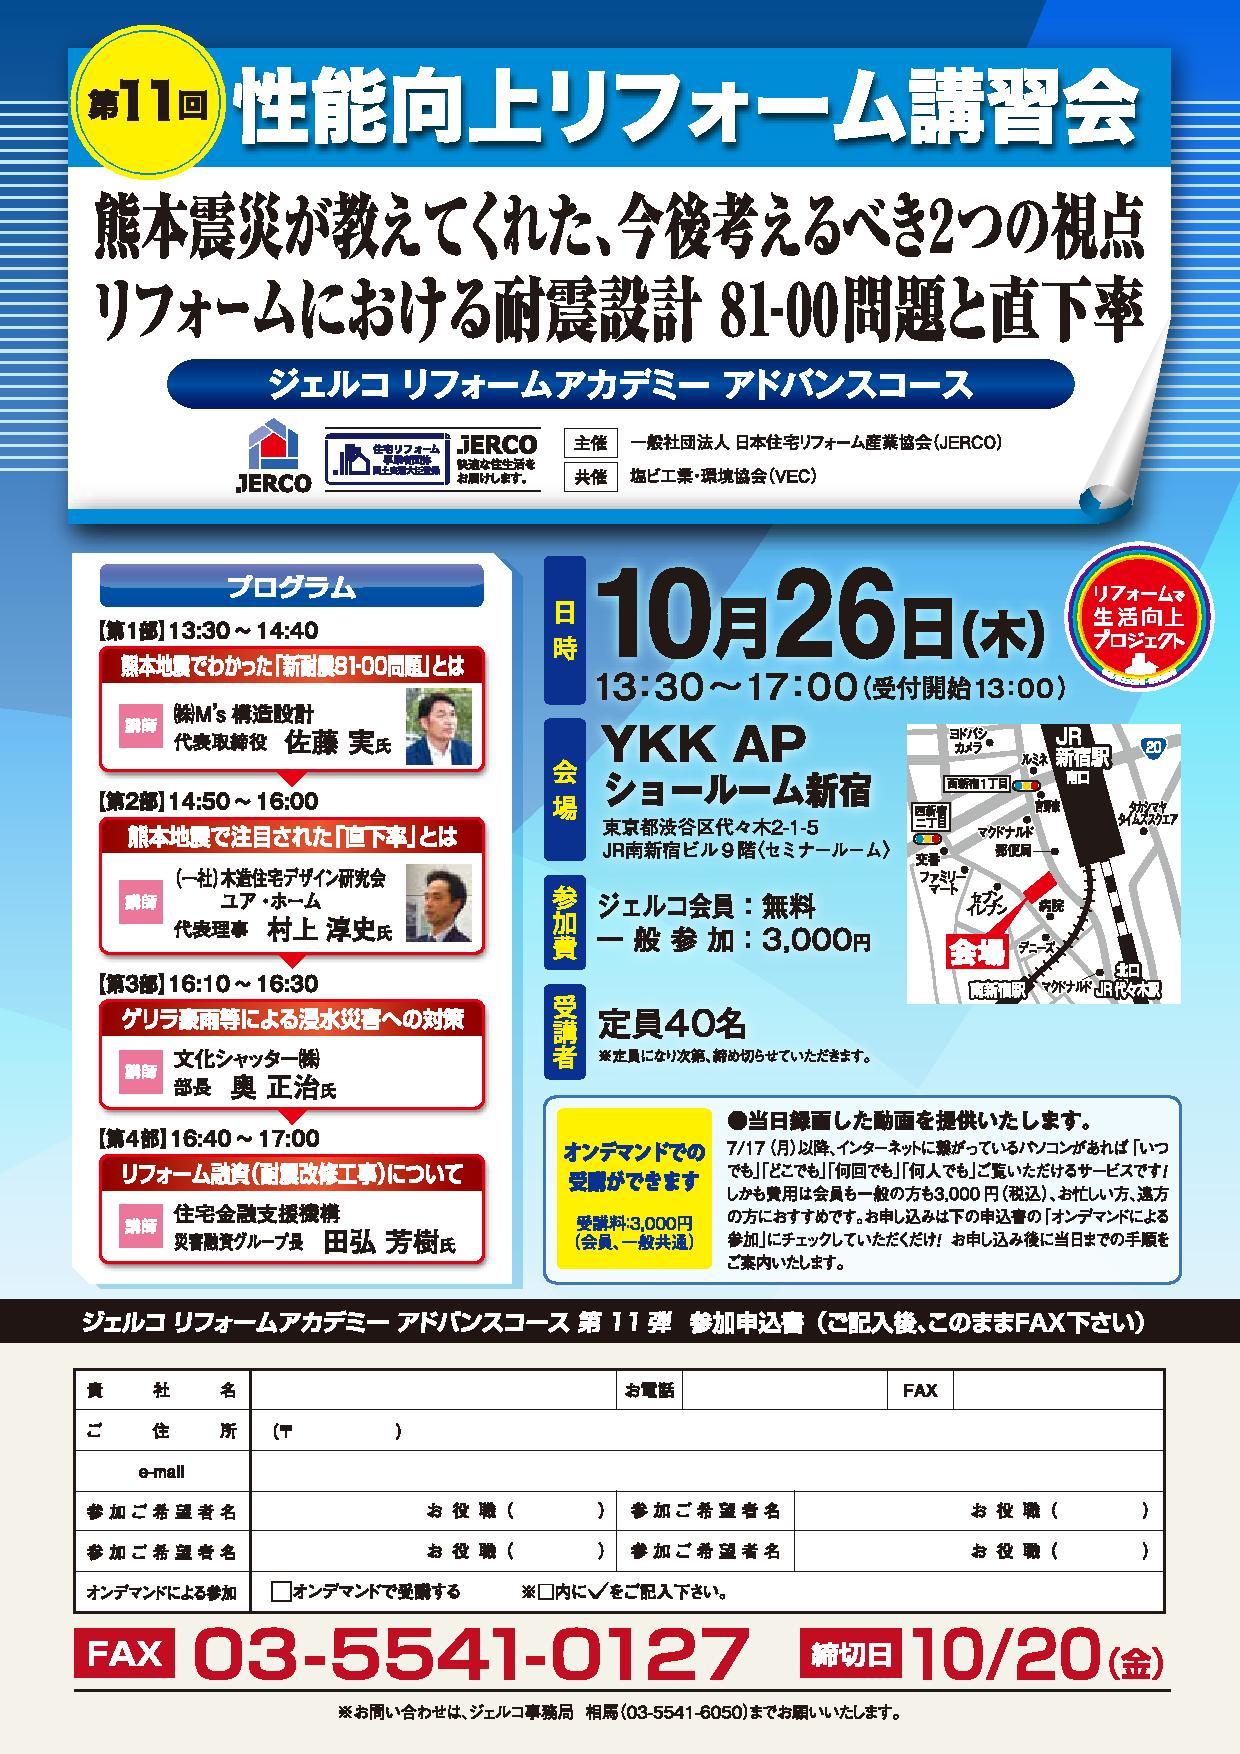 性能向上リフォーム:熊本震災で注目され始めてしまった「81-00問題」や、直下率について(2017年10月26日木曜日)